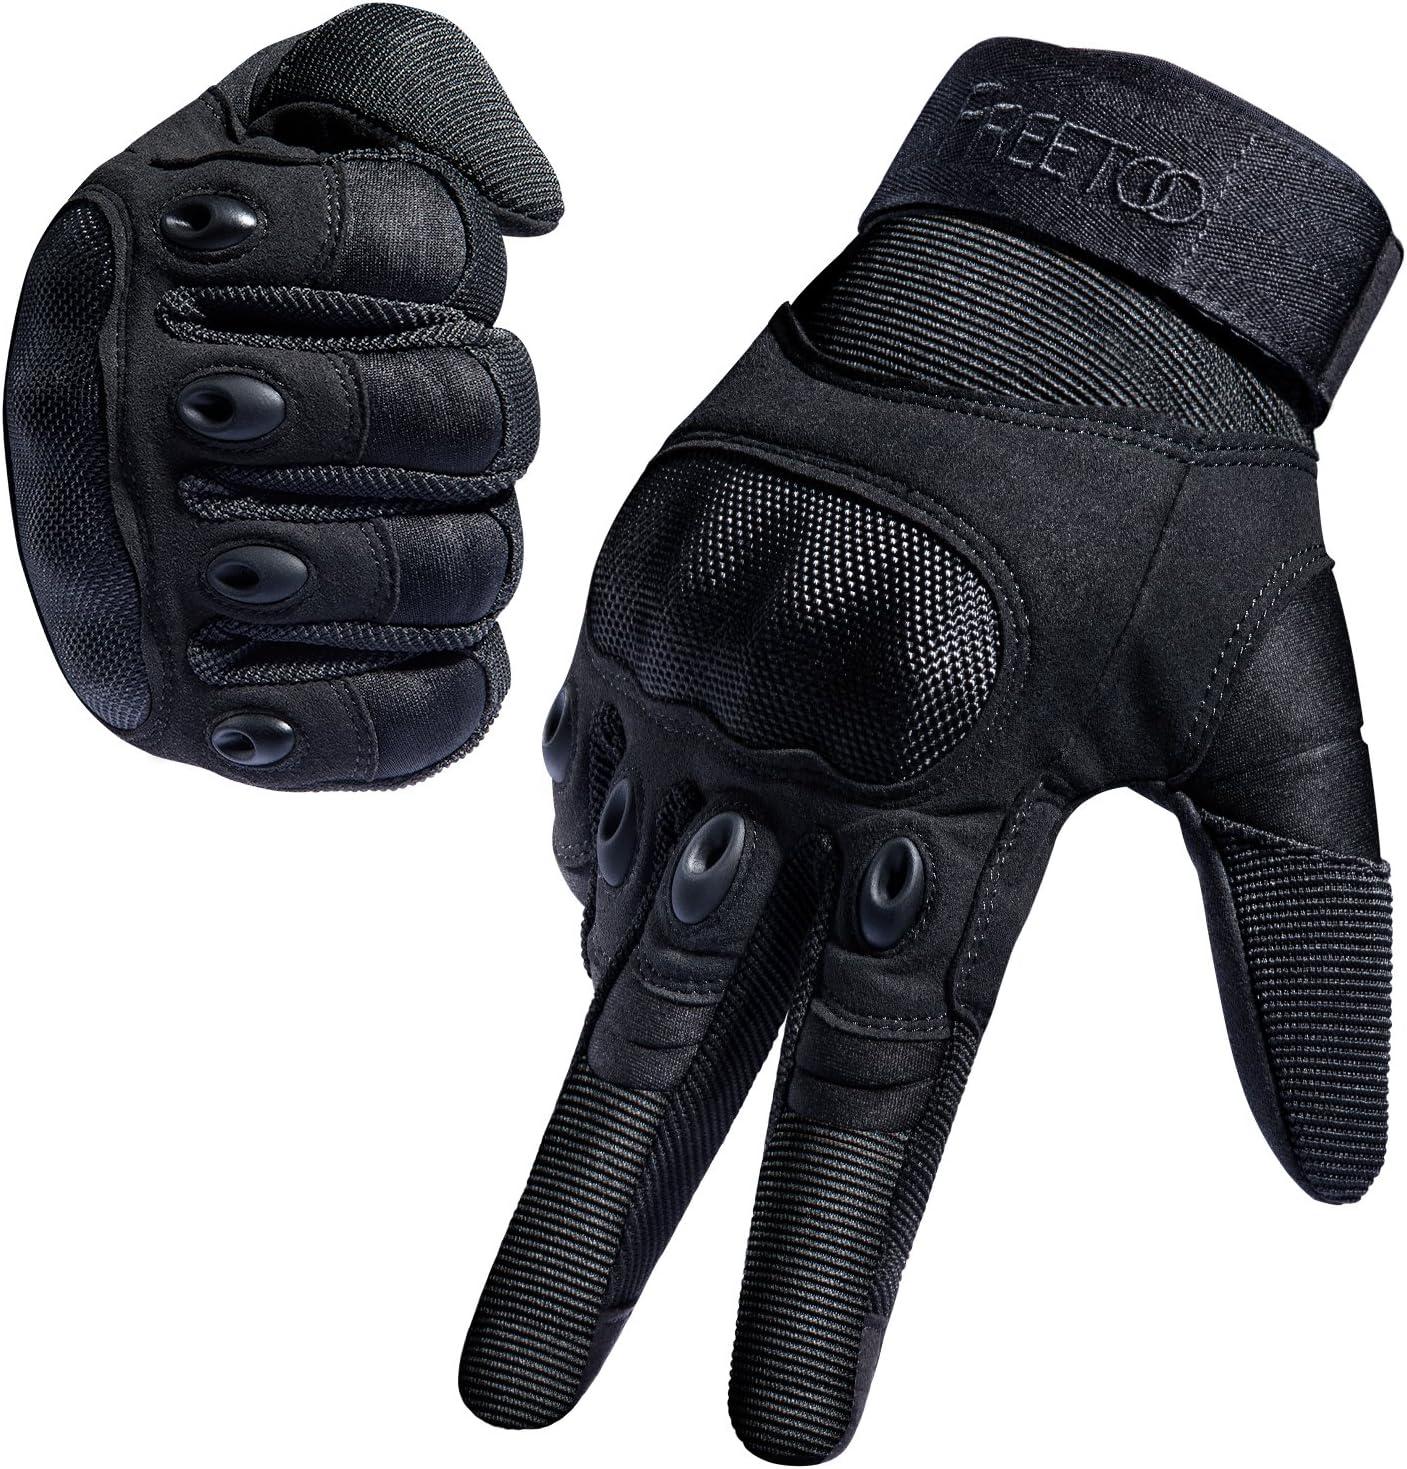 FREETOO Guantes Tácticos Militar para Moto Excursión Bici Ciclismo con Dedos Completos Deportes al aire libre Negro